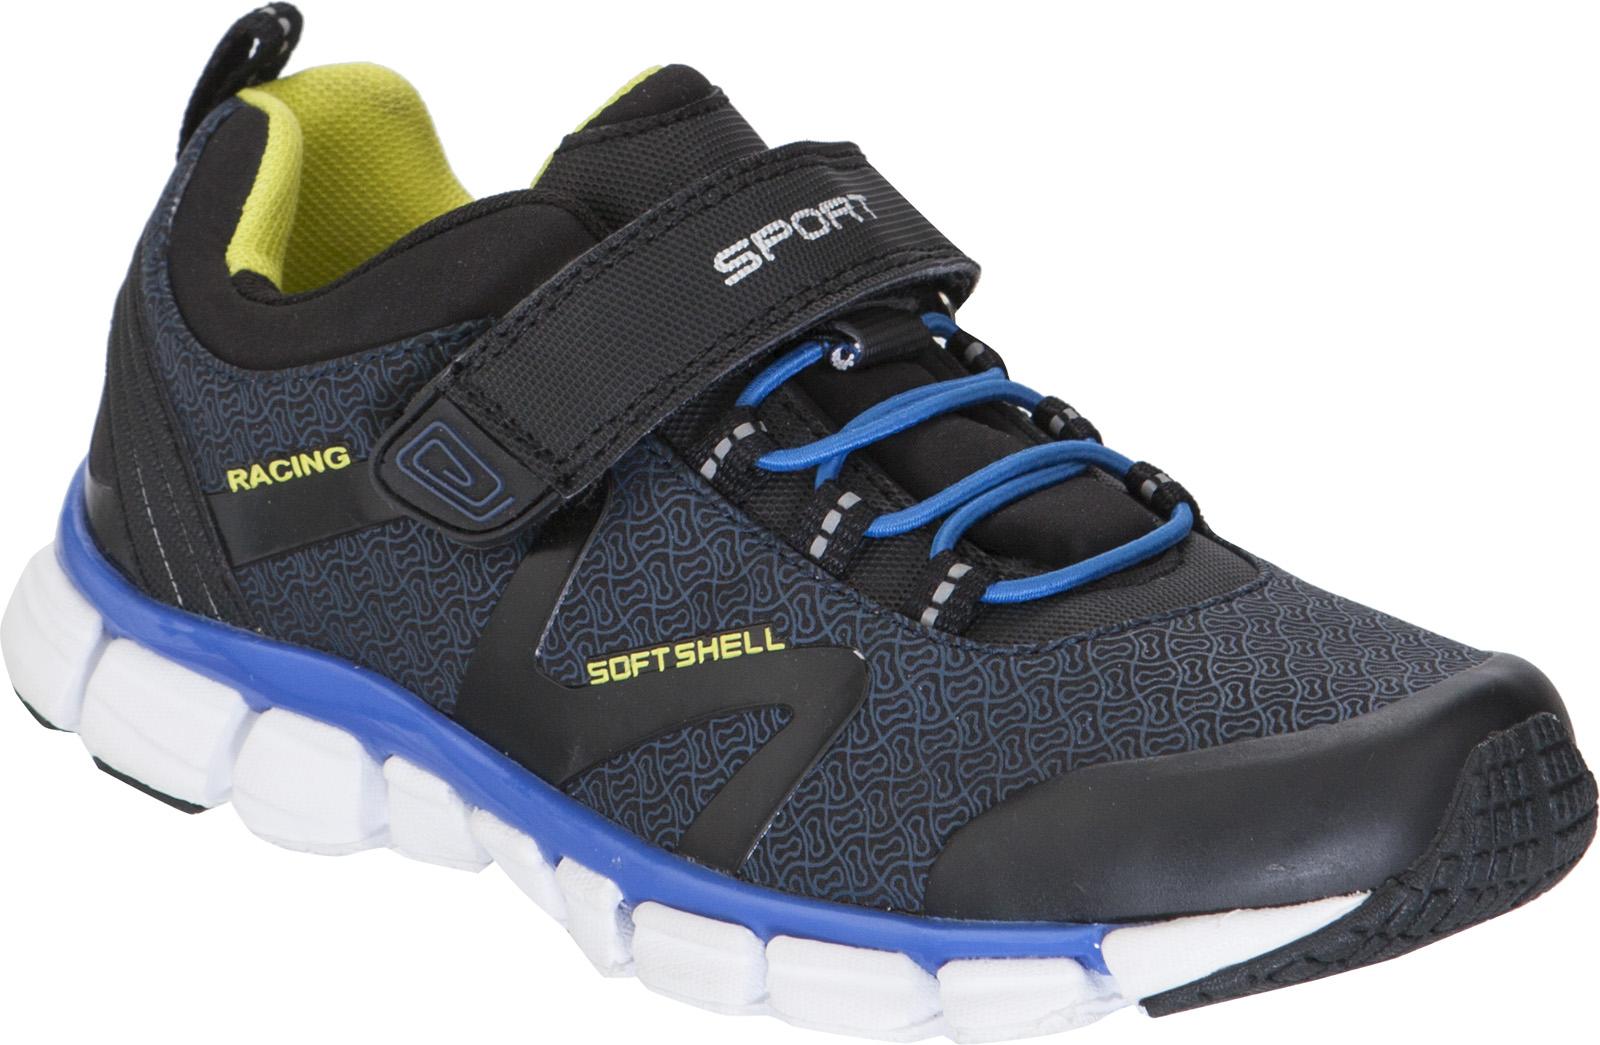 Кроссовки для мальчика Kapika, цвет: черный. 73232с-1. Размер 3373232с-1Детские кроссовки отлично подойдут для повседневной носки и для занятий спортом. Верх модели изготовлен из текстиля и качественной искусственной кожи. Подошва из прочного полимера дополнена рифлением. Кроссовки займут достойное место в гардеробе и подарят комфорт.